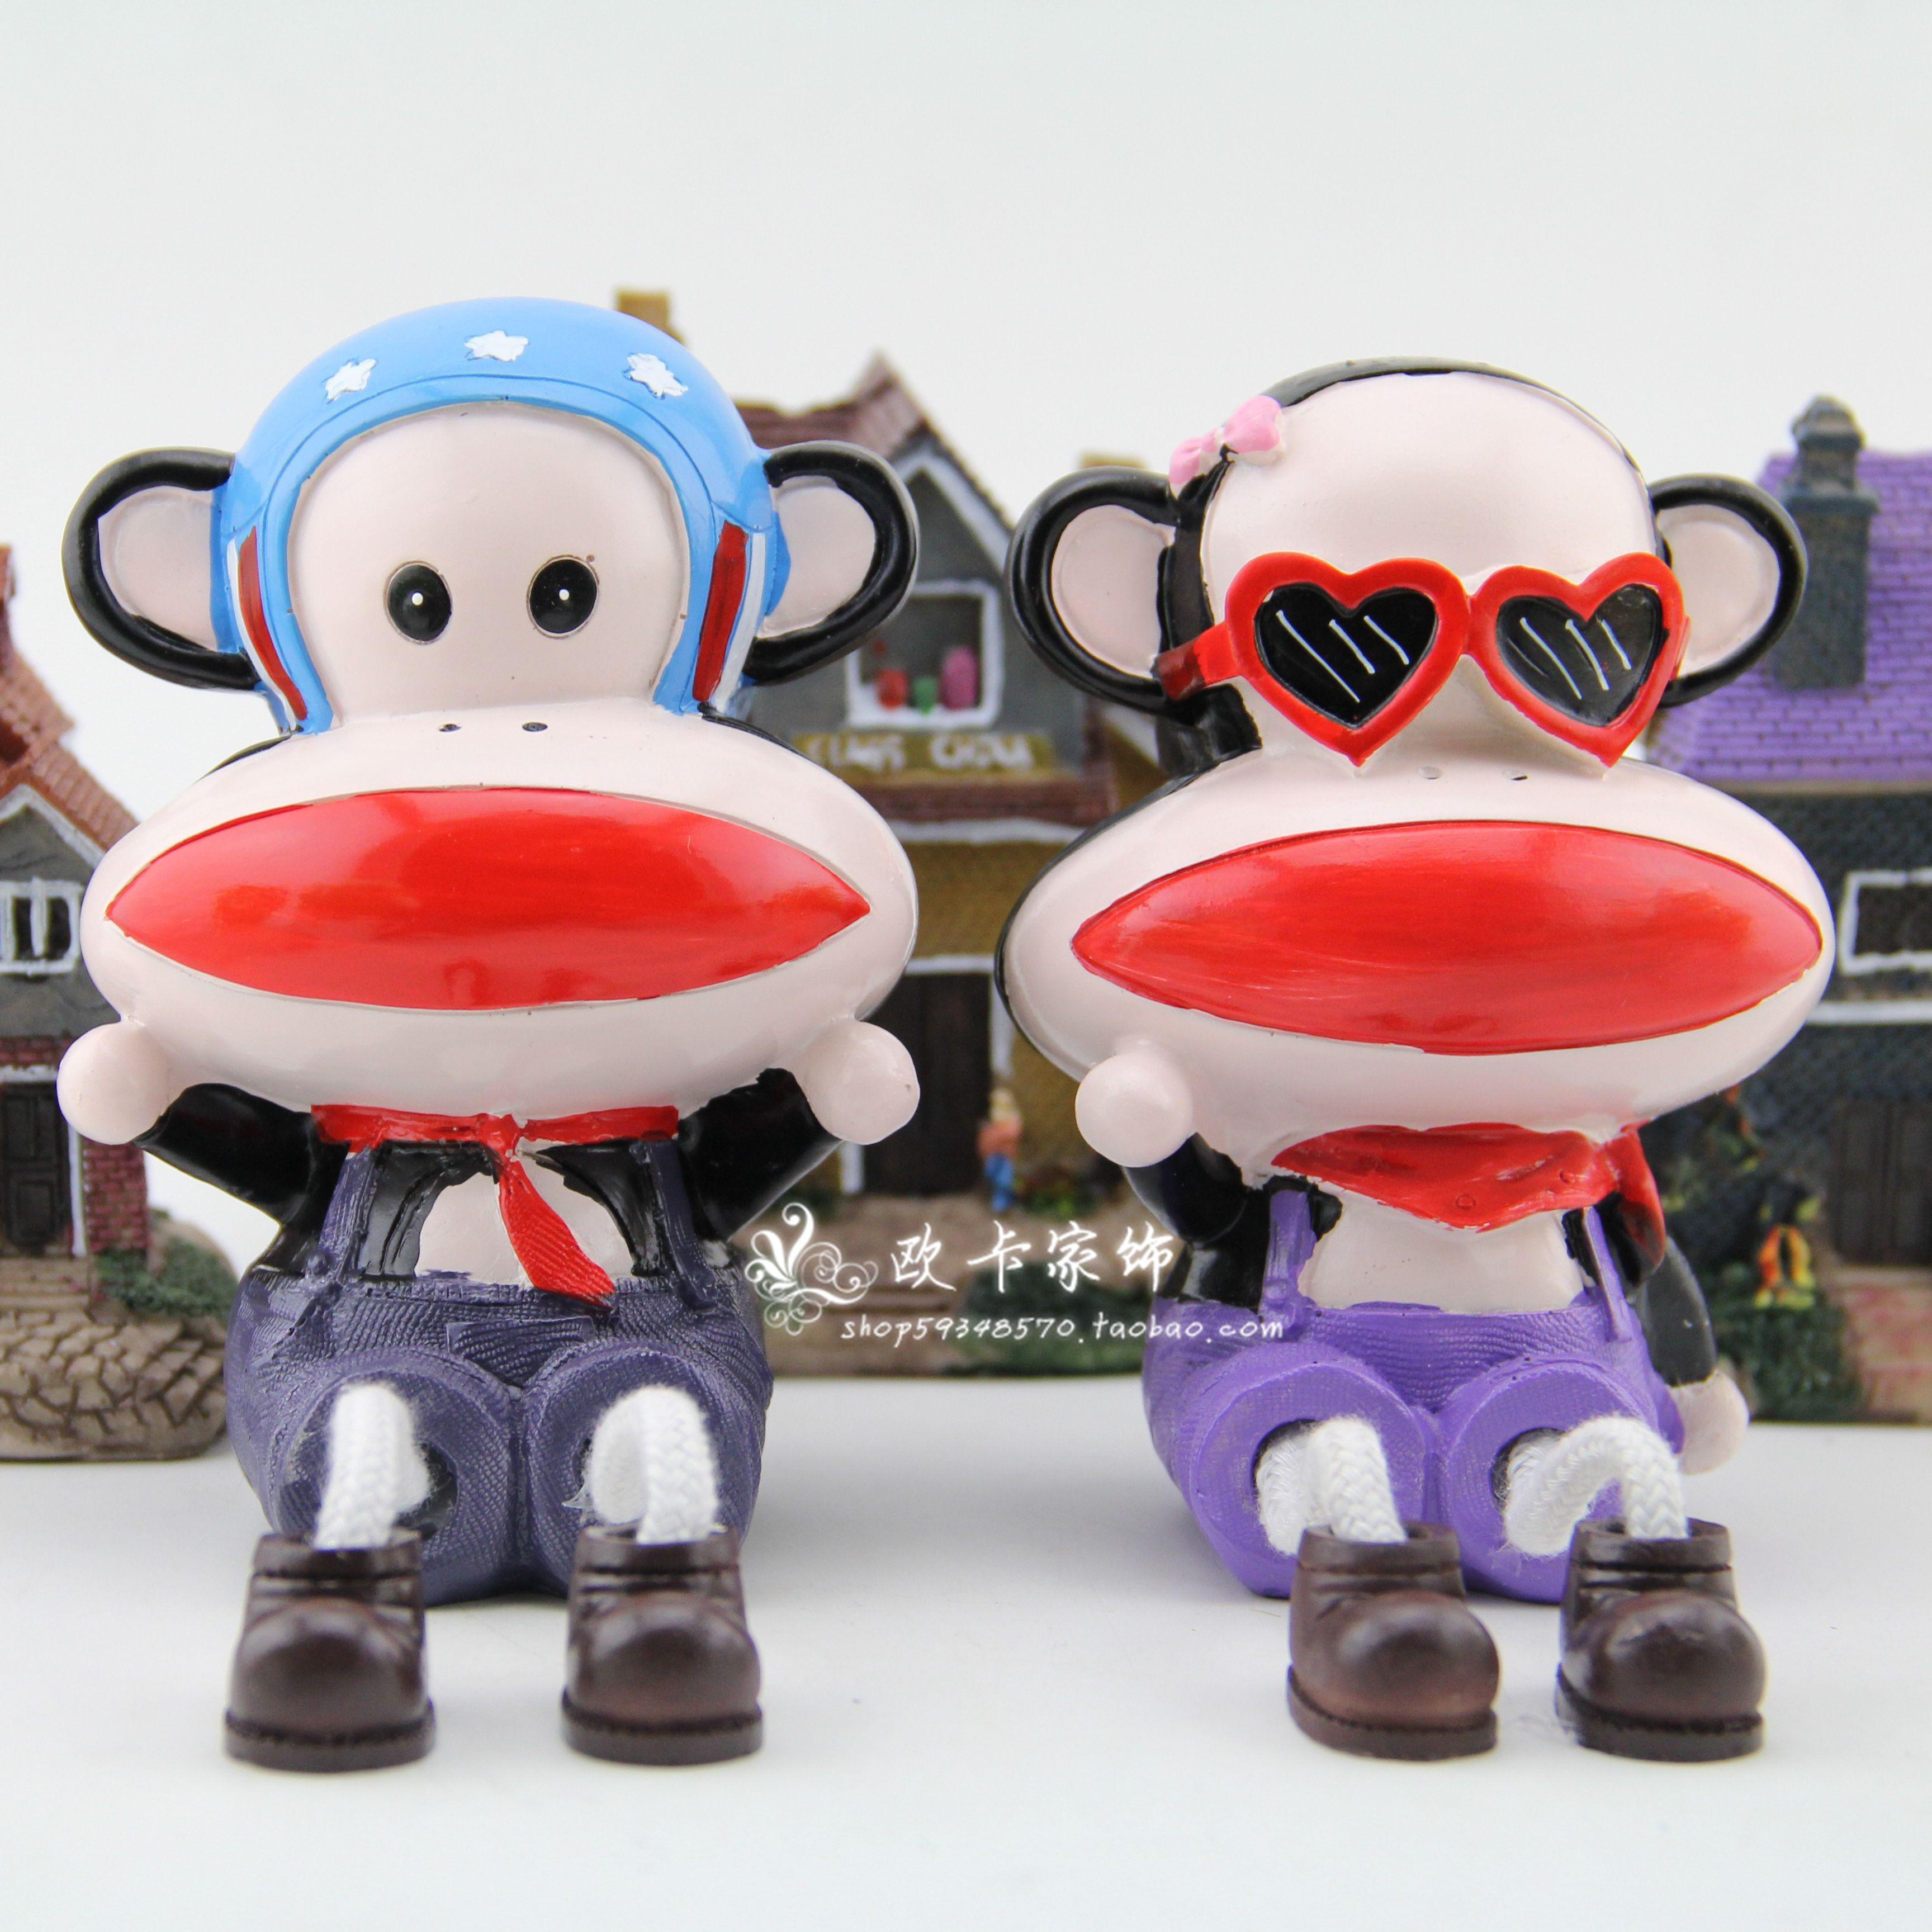 树脂工艺品猴子摆件 家居隔板玄关动物摆饰结婚礼物礼品 吊脚娃娃